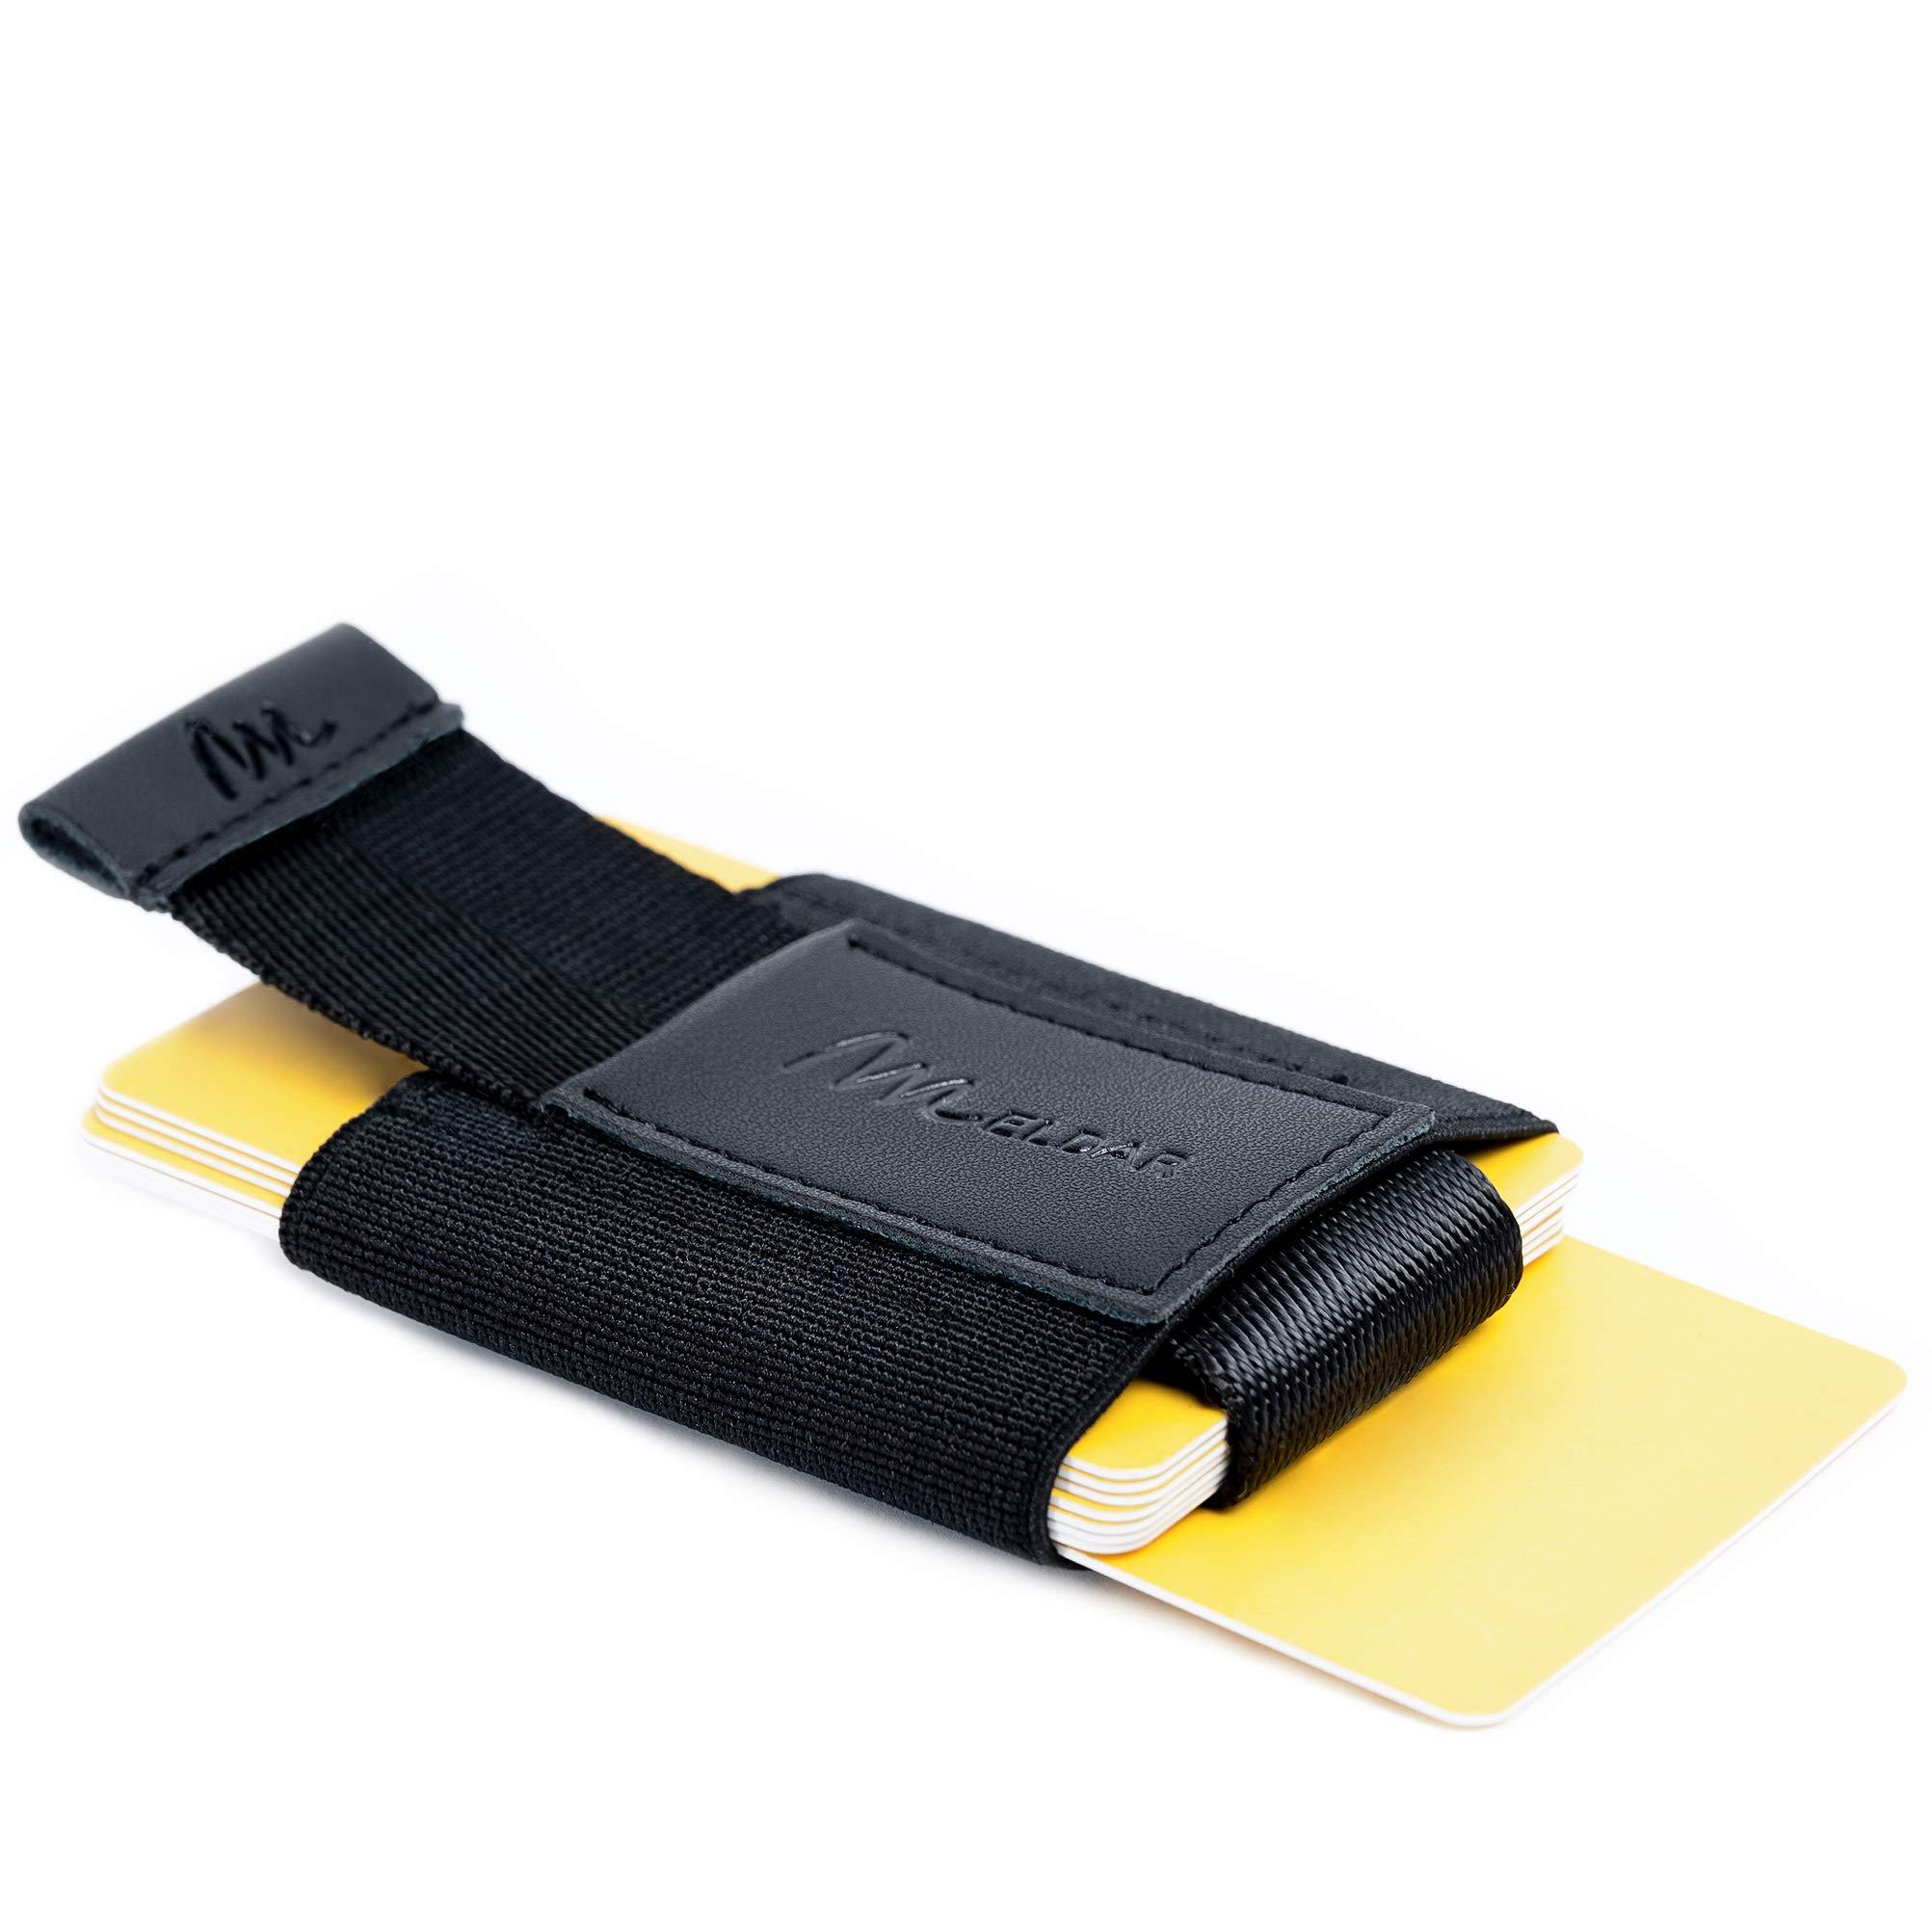 Meldar Tarjetero Ultra Slim Unisex. PortaTarjetas de Cuero con Bolsillo Independiente para Billetes y Monedas